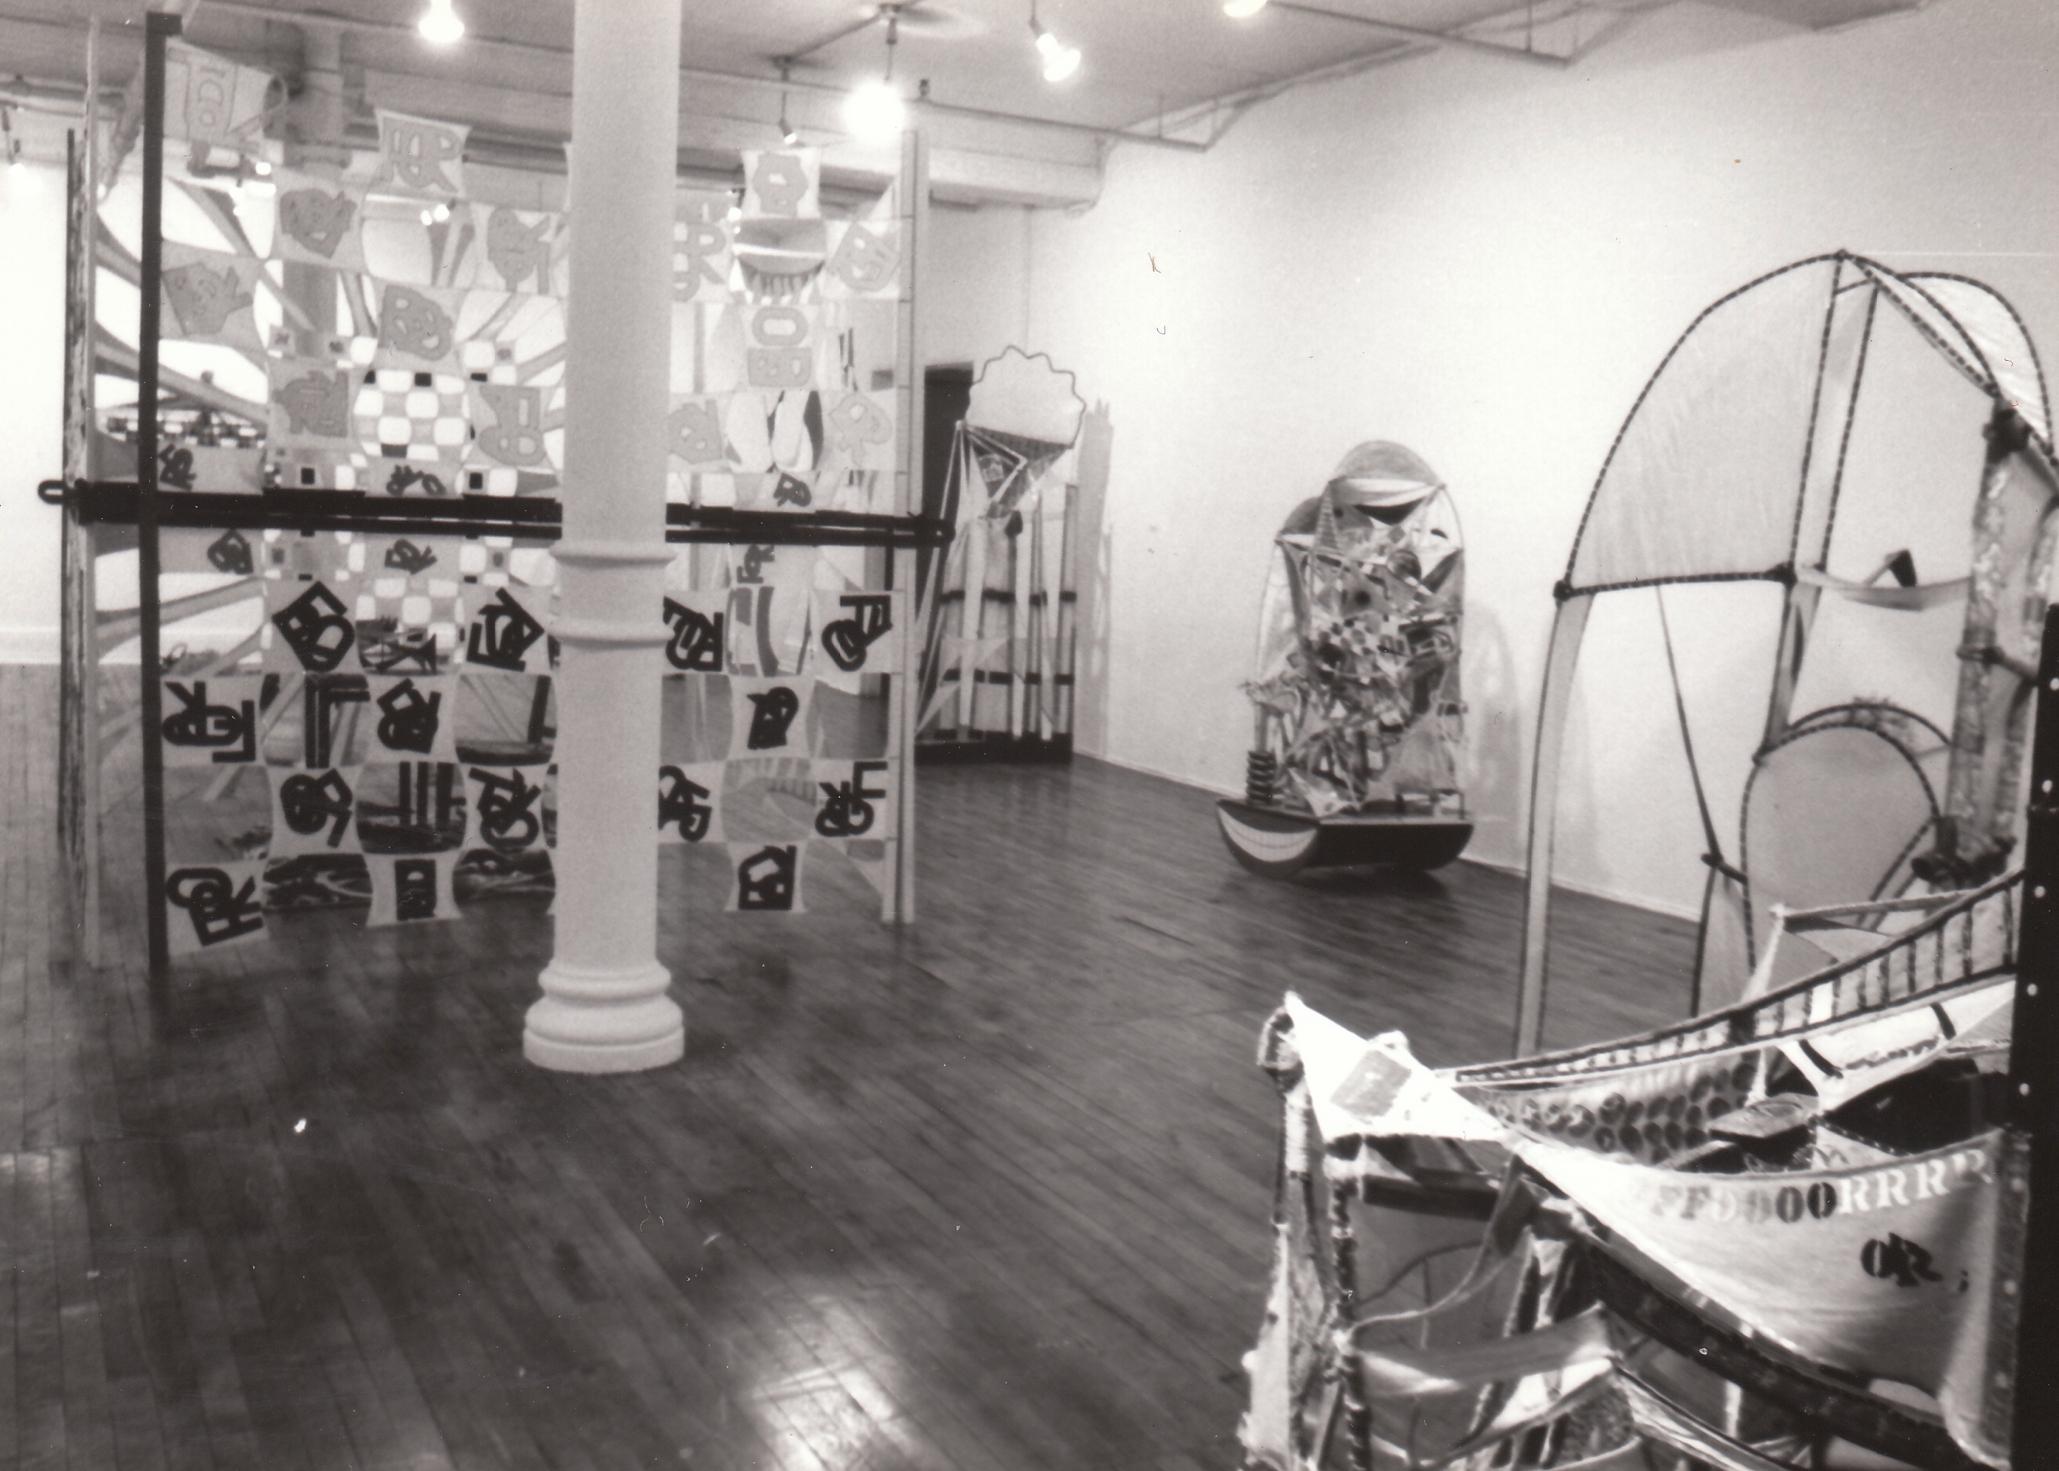 1980 Phyllis Kind Gallery NYC _0006.jpg